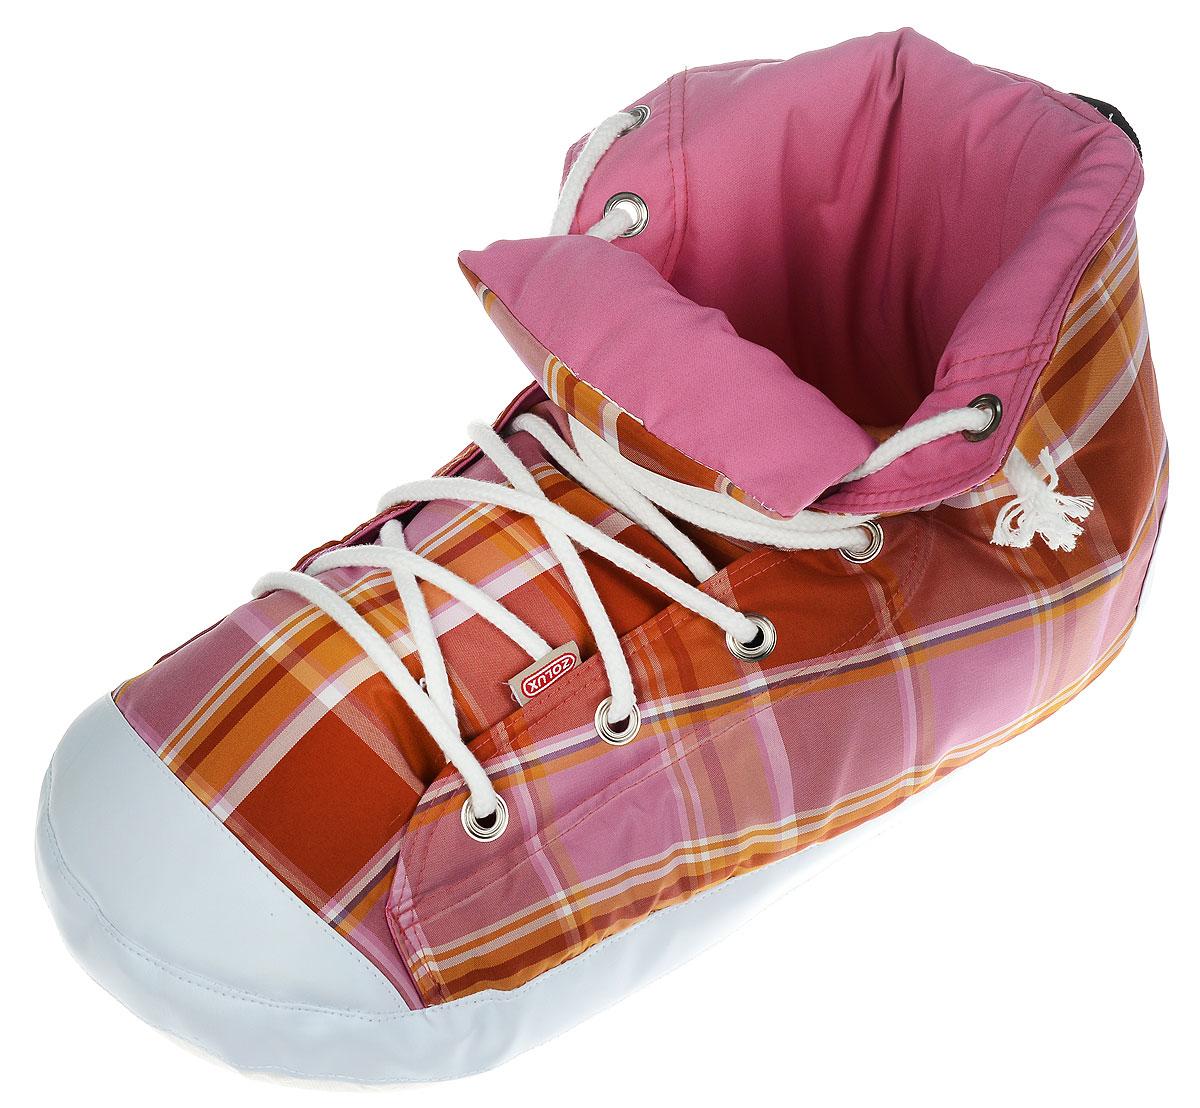 Лежанка-тапок для кошек Zolux, цвет: розовый, коричнево-желтый, белый, 54 х 25 х 27 см0120710Лежанка-тапок Zolux станет лучшим подарком для вашего любимца. Изделие выполнено из хлопчатобумажной ткани, а наполнитель - мягкий синтепон. Шуршащая стенка надолго привлечет внимание кошки и обеспечит интересным времяпровождением. Съемная подстилка позволяет легко содержать лежанку в чистоте.В таком лежаке в виде ботинка вашему питомцу будет комфортно и уютно, животное всегда найдет там укрытие и сможет спрятаться. С помощью специальной петли изделие можно подвесить.